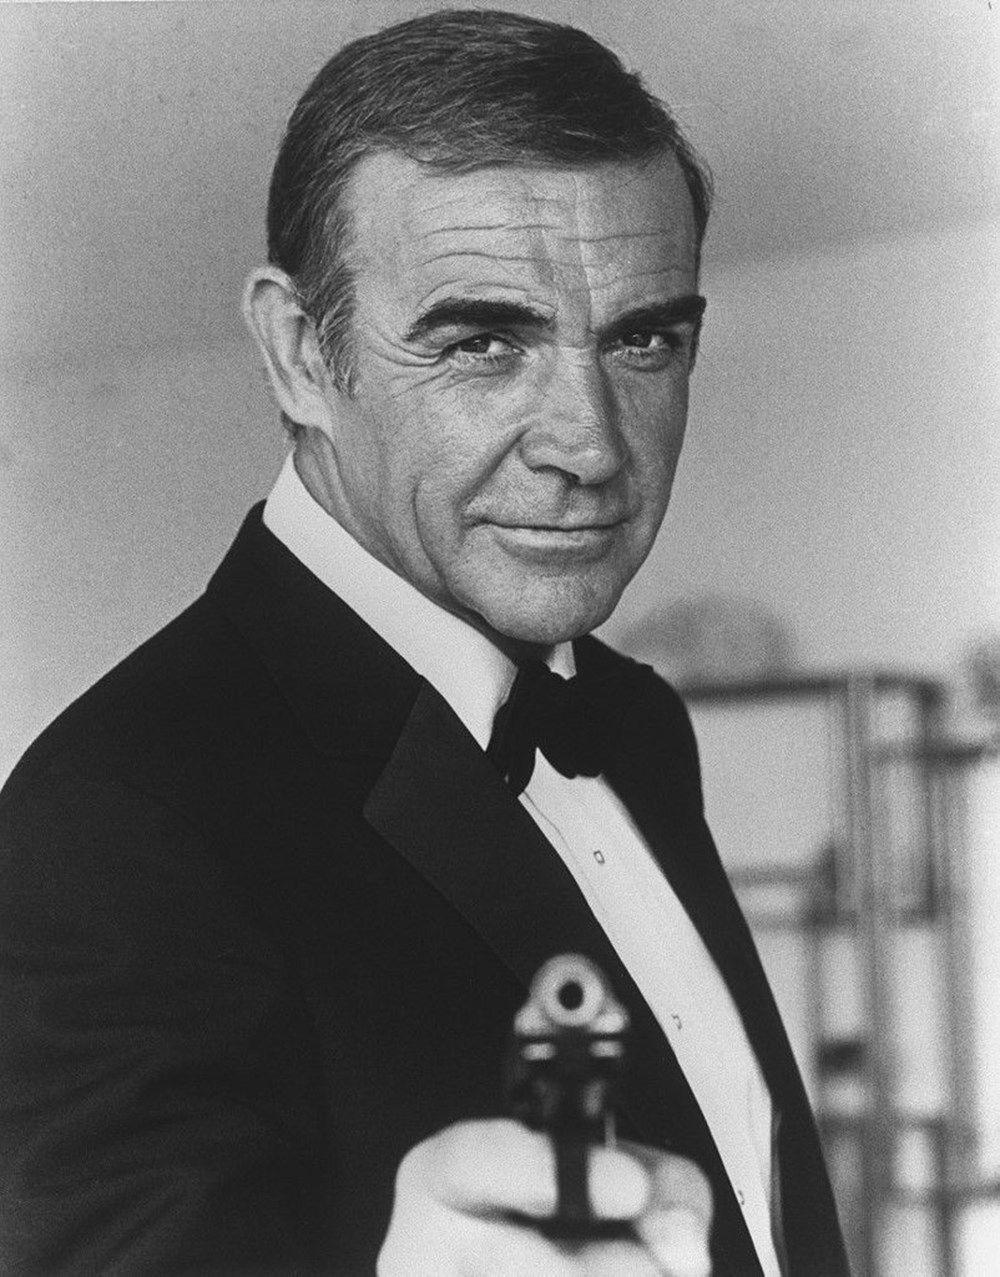 En popüler James Bond belirlendi - 4